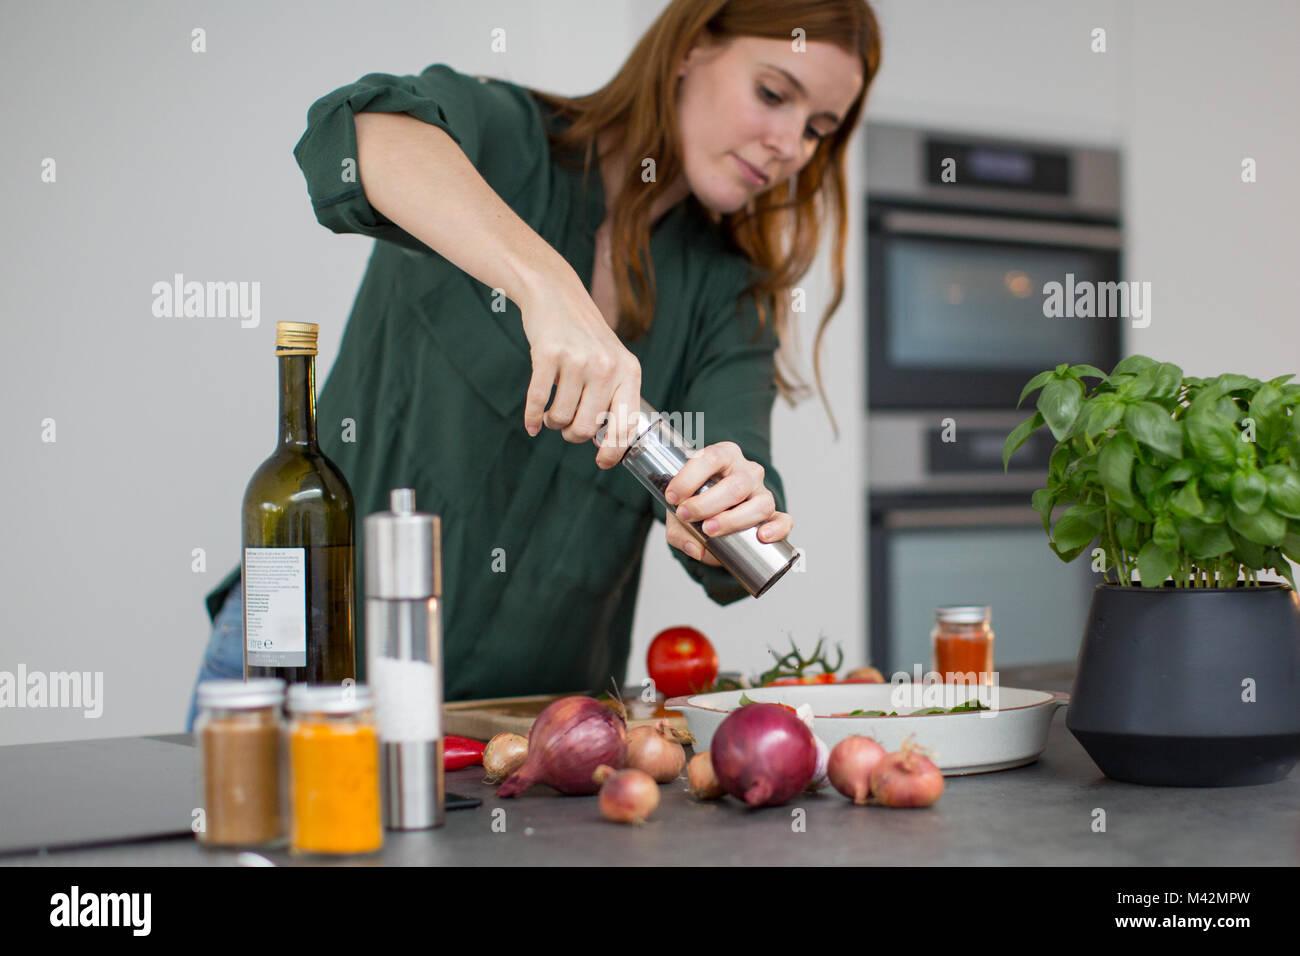 Femmina adulta condimento un piatto Immagini Stock